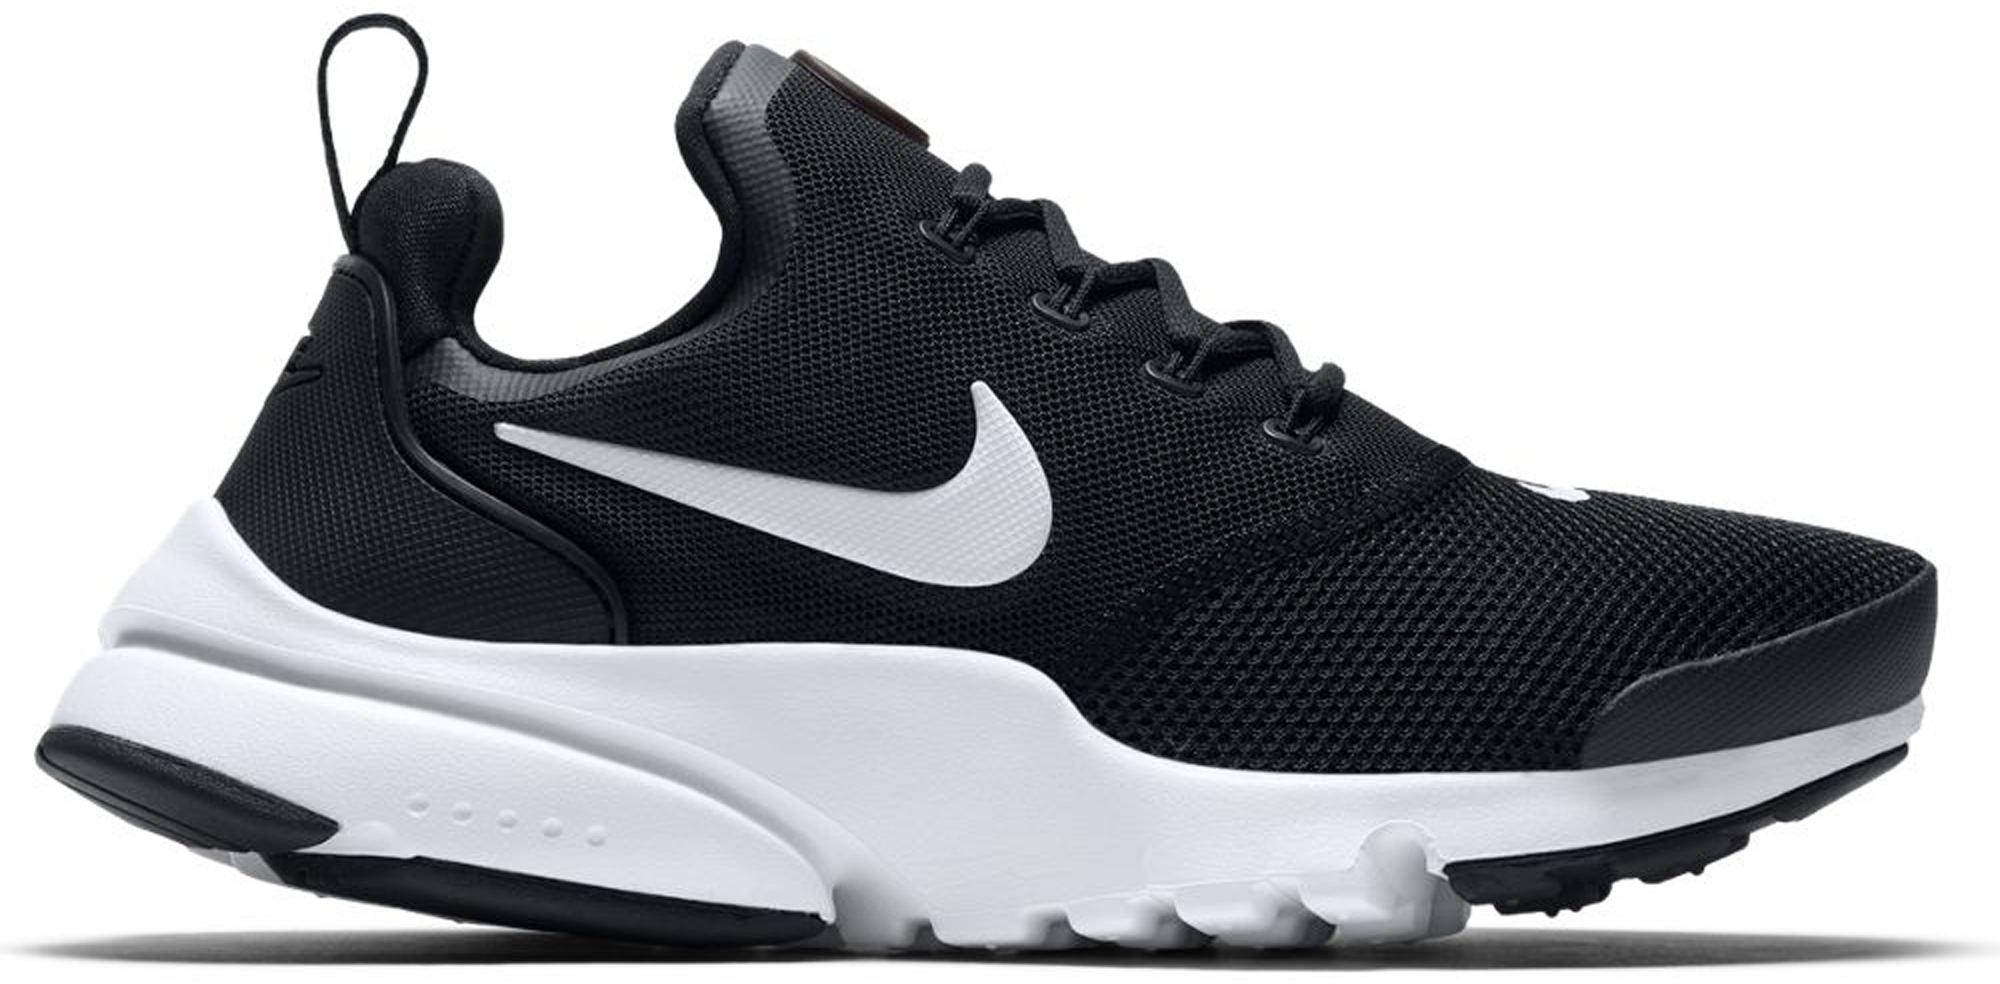 Nike Air Presto Fly Black White (GS